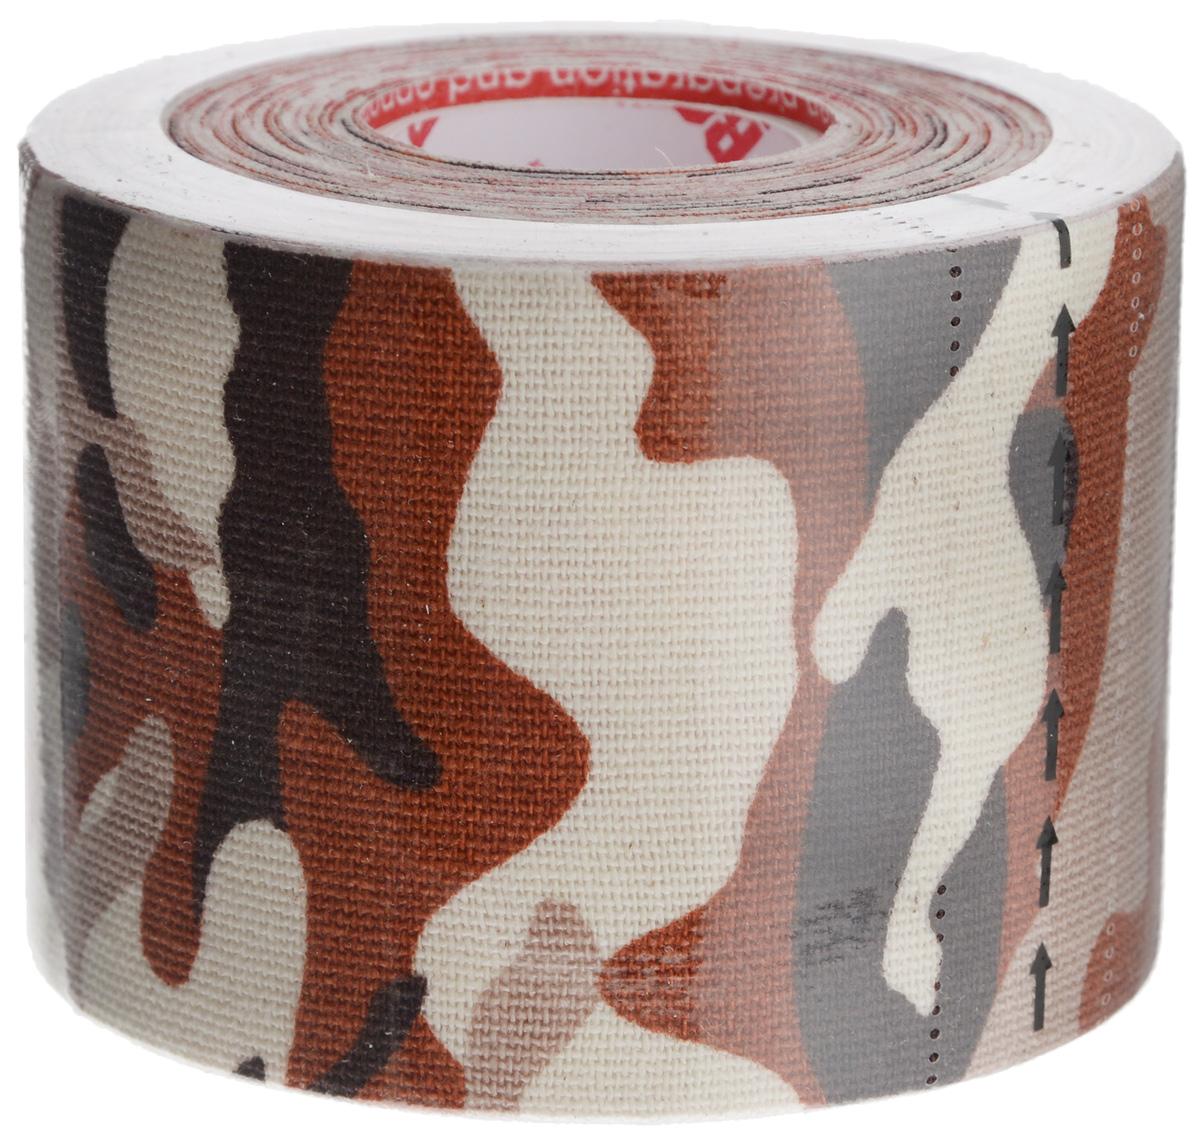 Rocktape Кинезиотейп Design, цвет: камуфляж коричневый, 5см х 5м